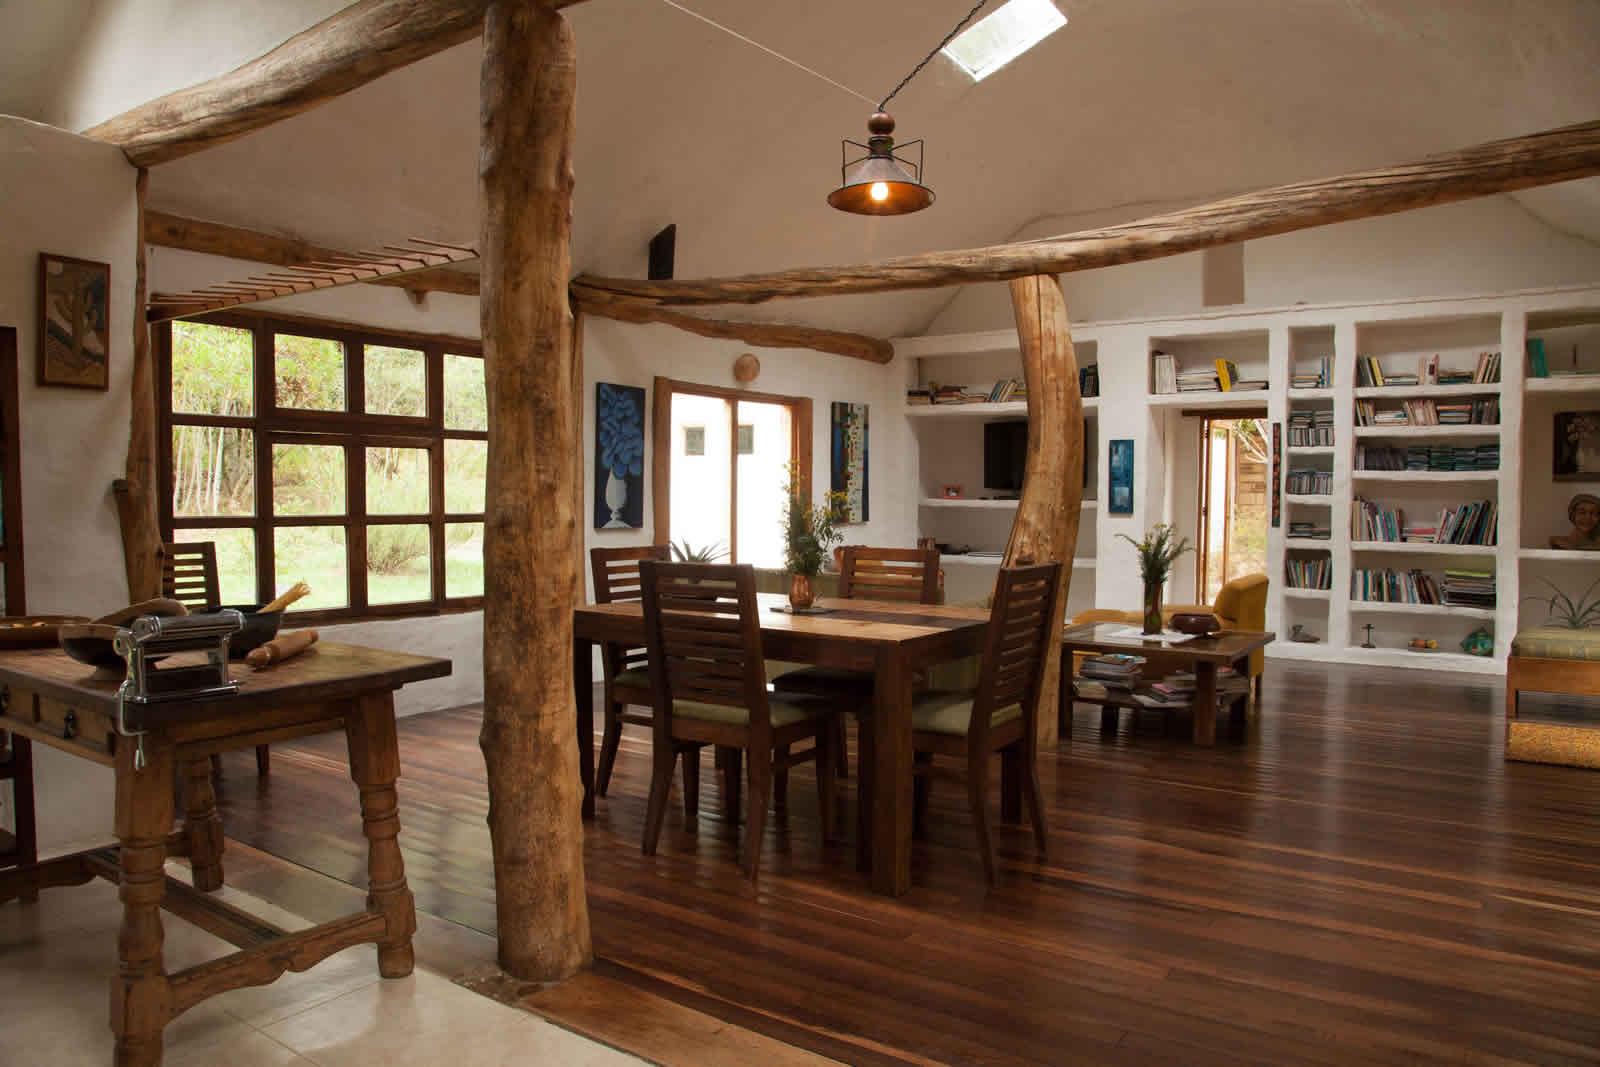 Alquiler cabaña La Colorada 2 en Villa de Leyva - Comedor